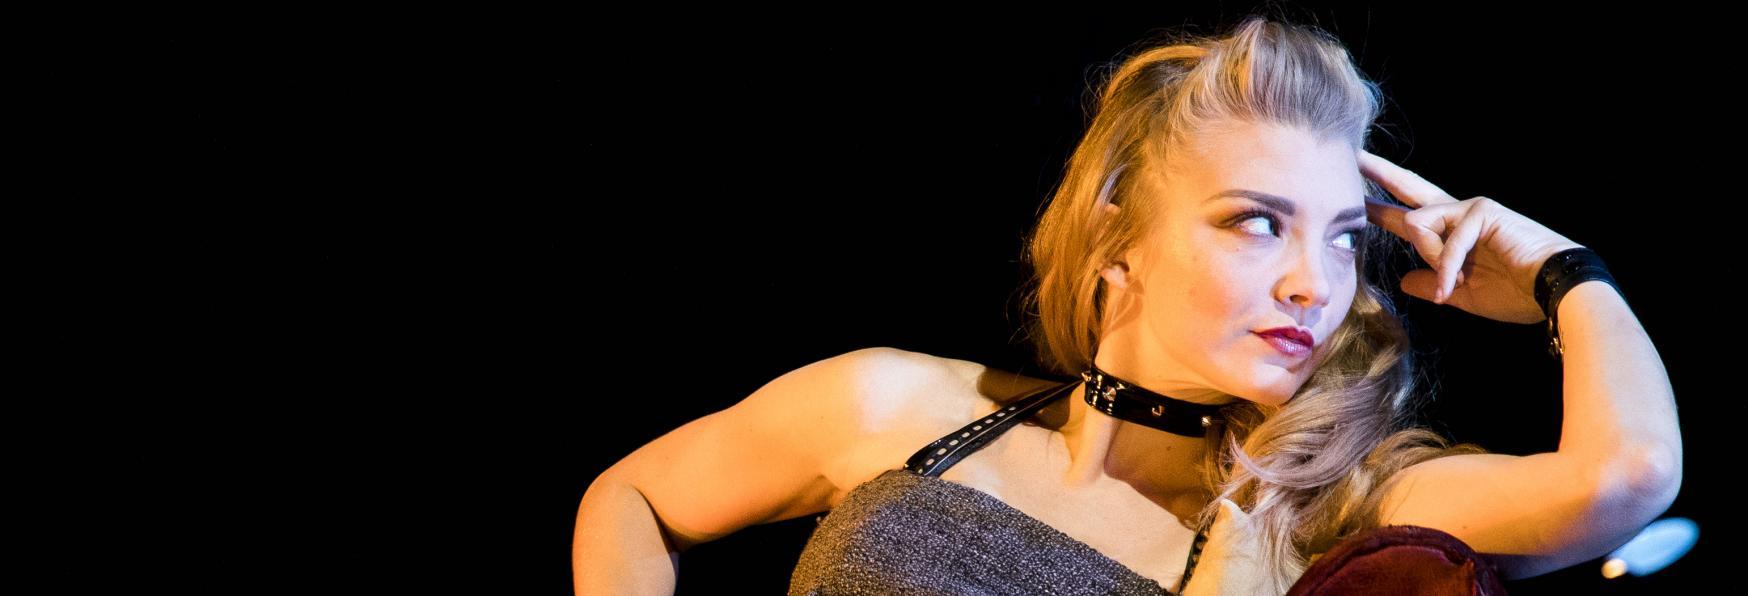 The Witcher 2: smentiti i Rumor sulla presenza di Natalie Dormer nella nuova Stagione